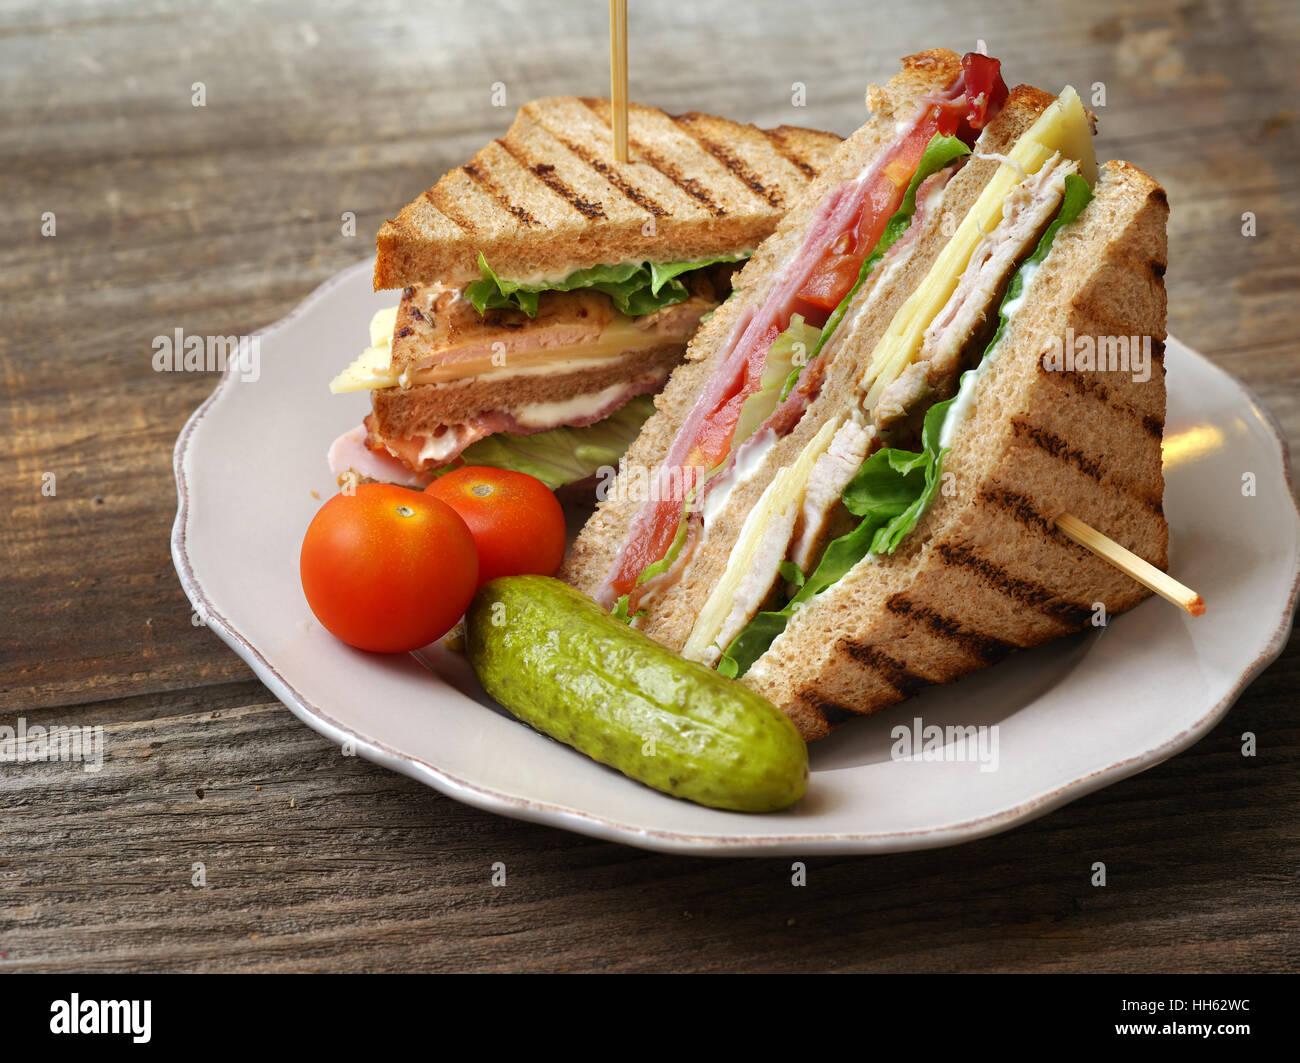 Photo d'un club sandwich fait avec la Turquie, bacon, jambon, tomates, fromage, laitue, et garnie d'un cornichon Photo Stock